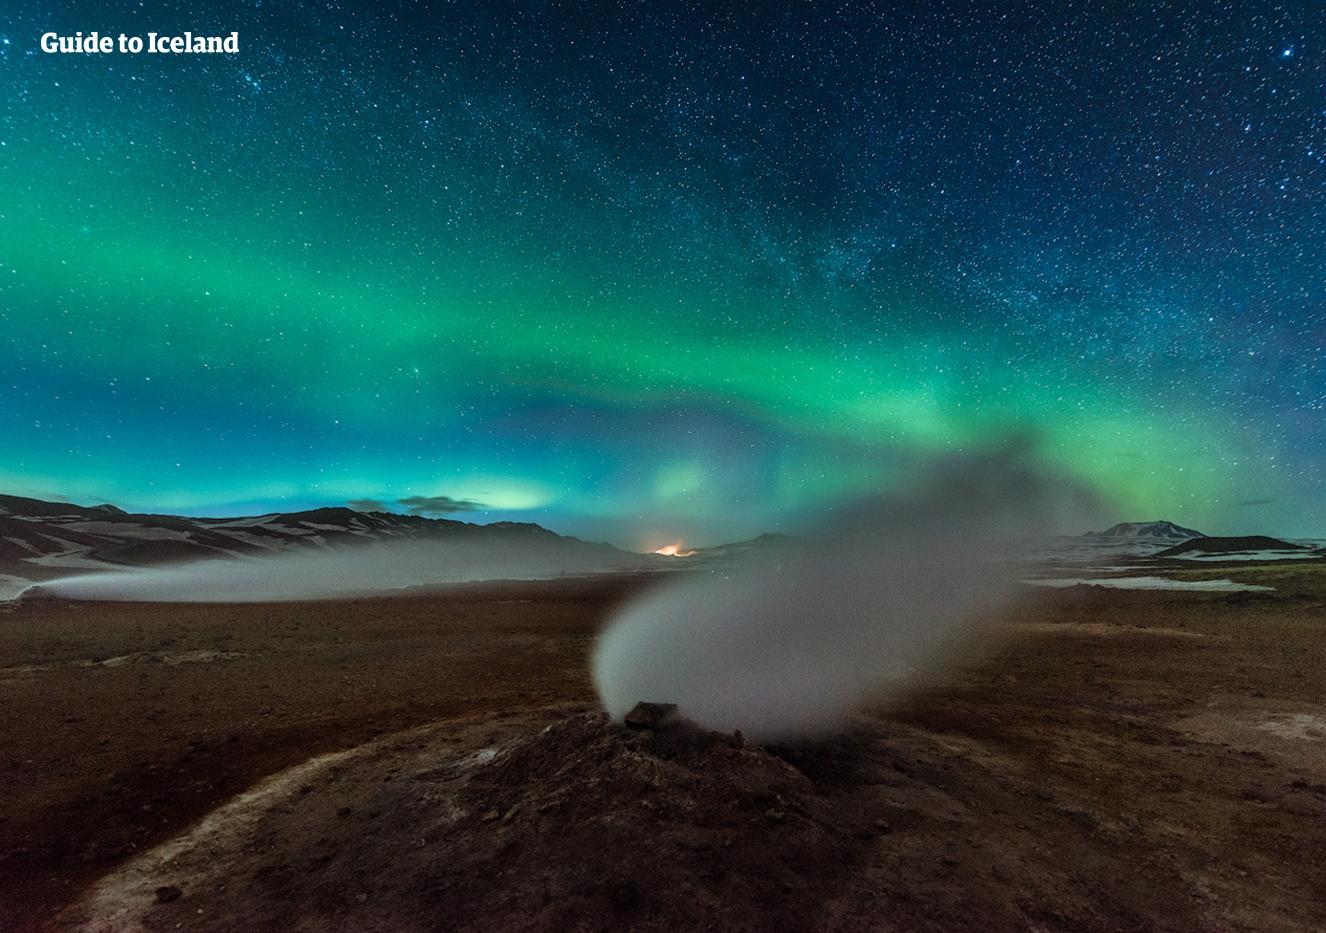 Viaje a tu aire de 10 días con auroras boreales | Rodeando Islandia - day 6